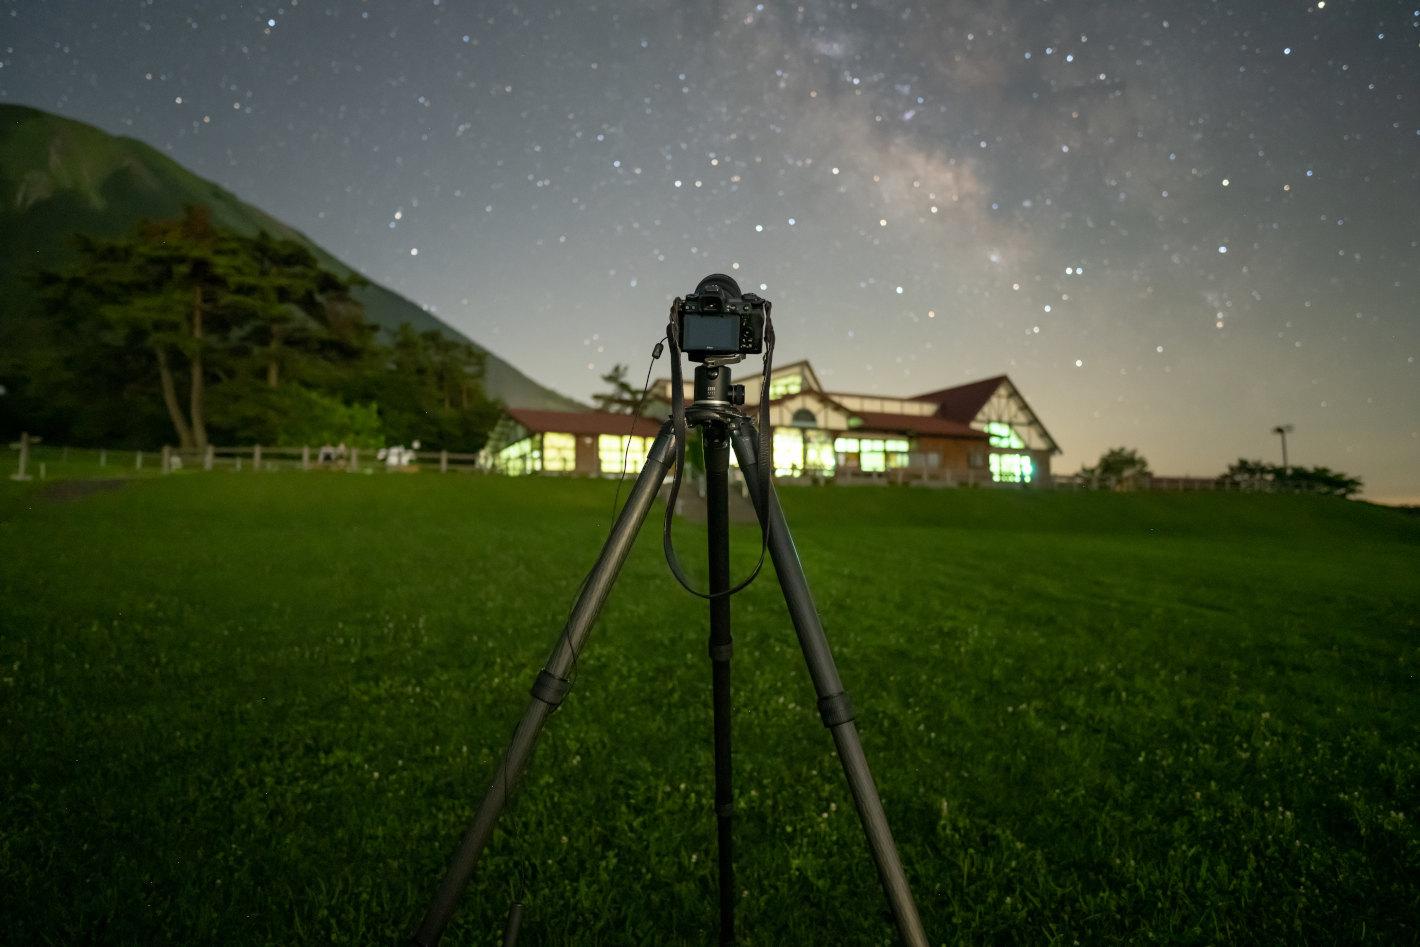 星空撮影にチャレンジしてみよう! はじめてでもきれいに撮れる基本の5ポイントと、美しい星景スポット5選